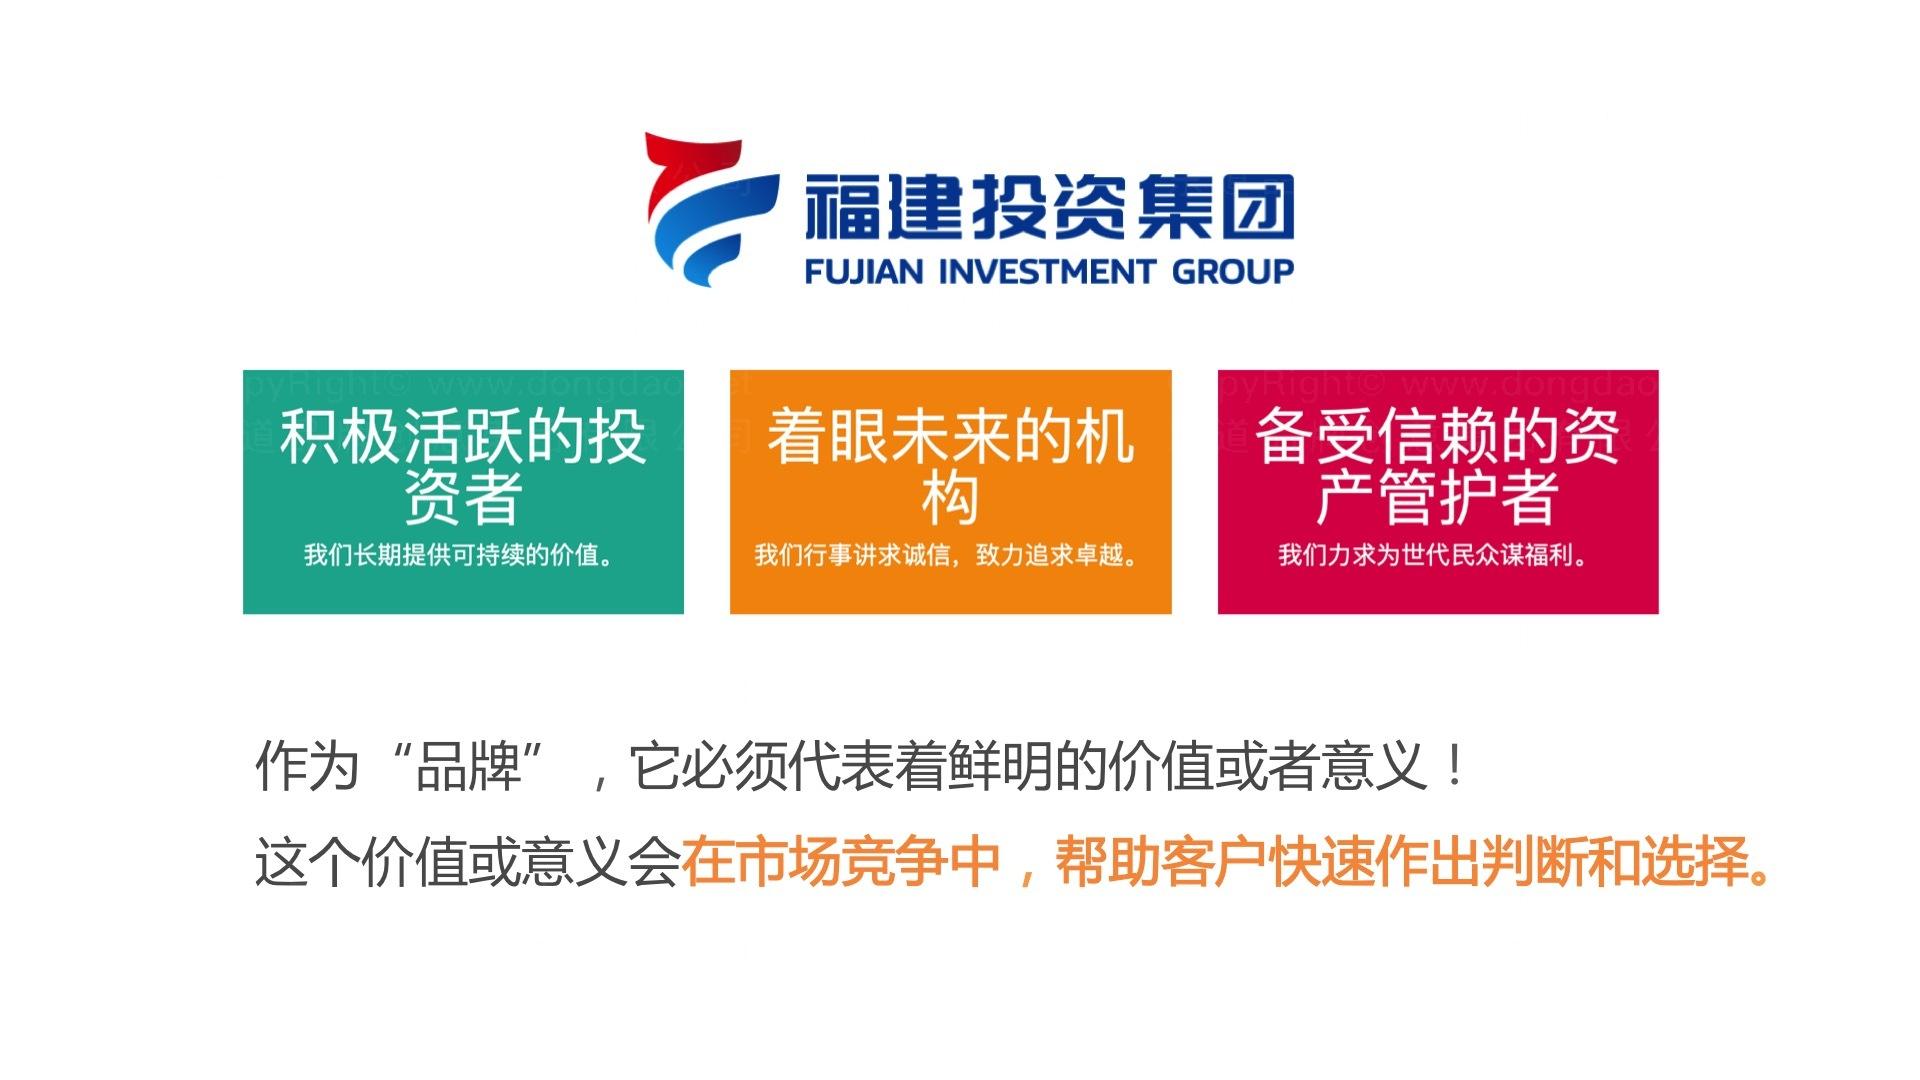 品牌战略&企业文化福建投资集团福建投资集团品牌战略应用场景